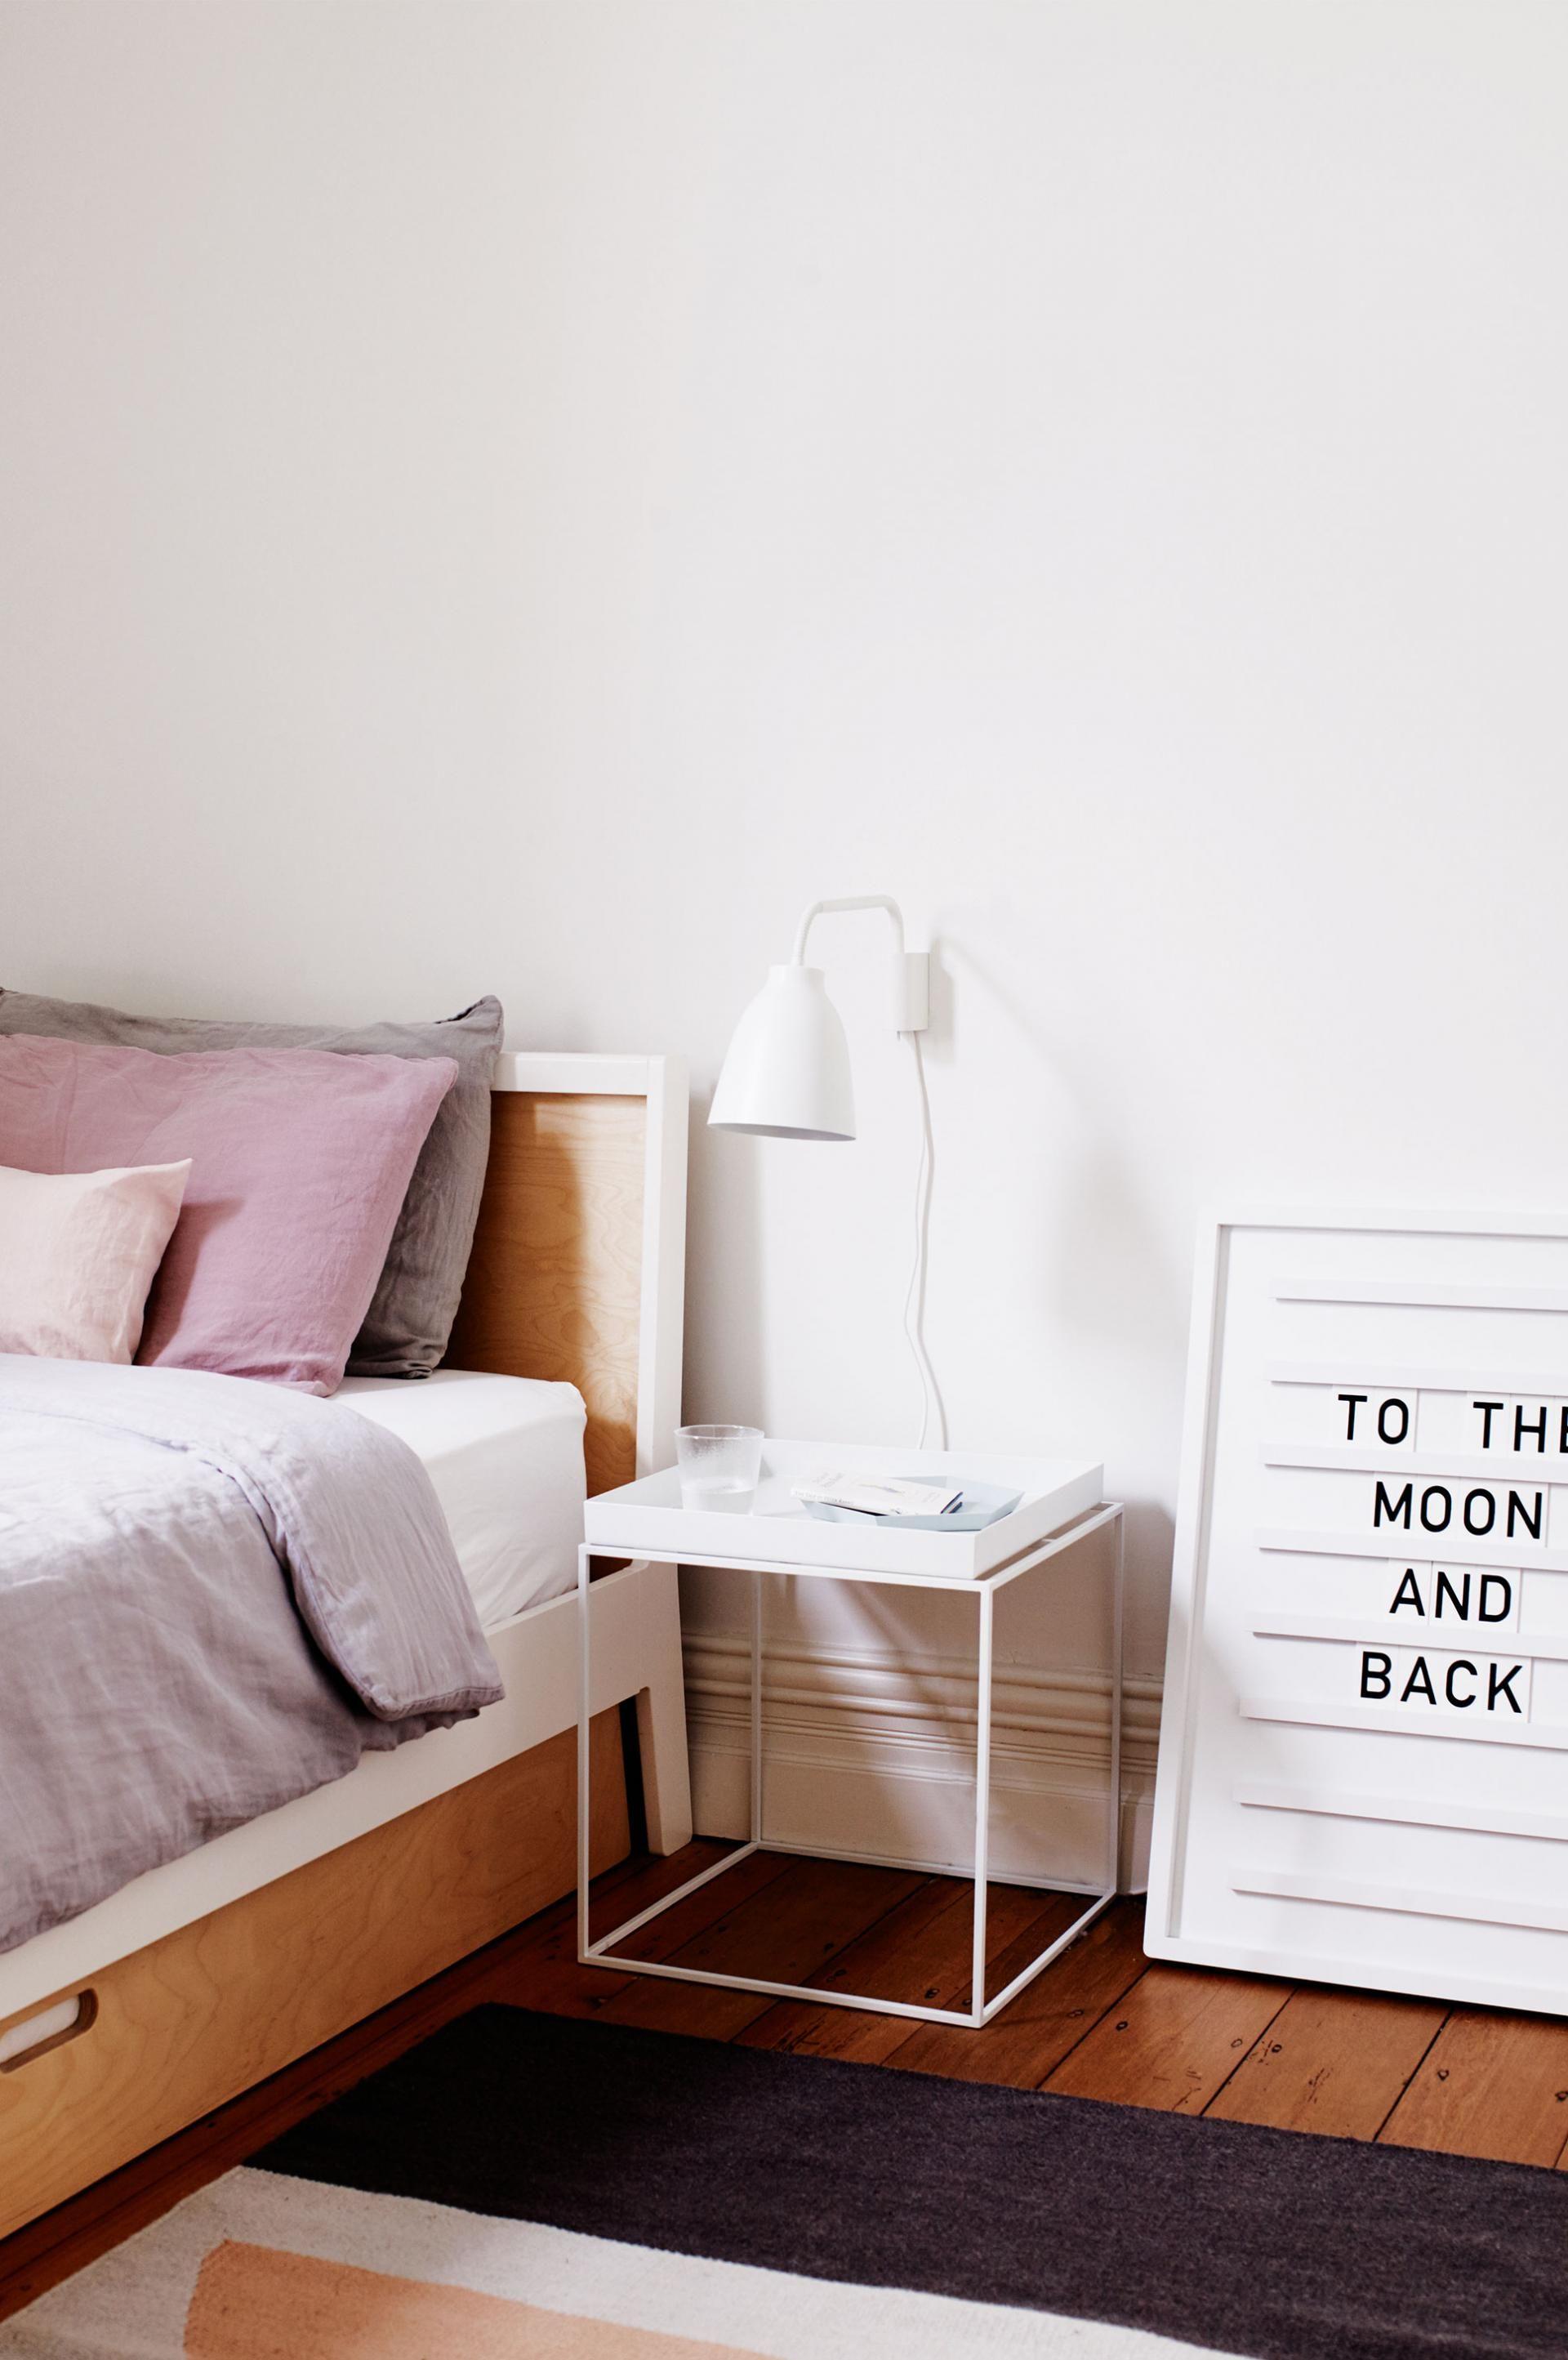 Hay - nachtkastje? | Het huis moodboard | Pinterest | Schlafzimmer ...